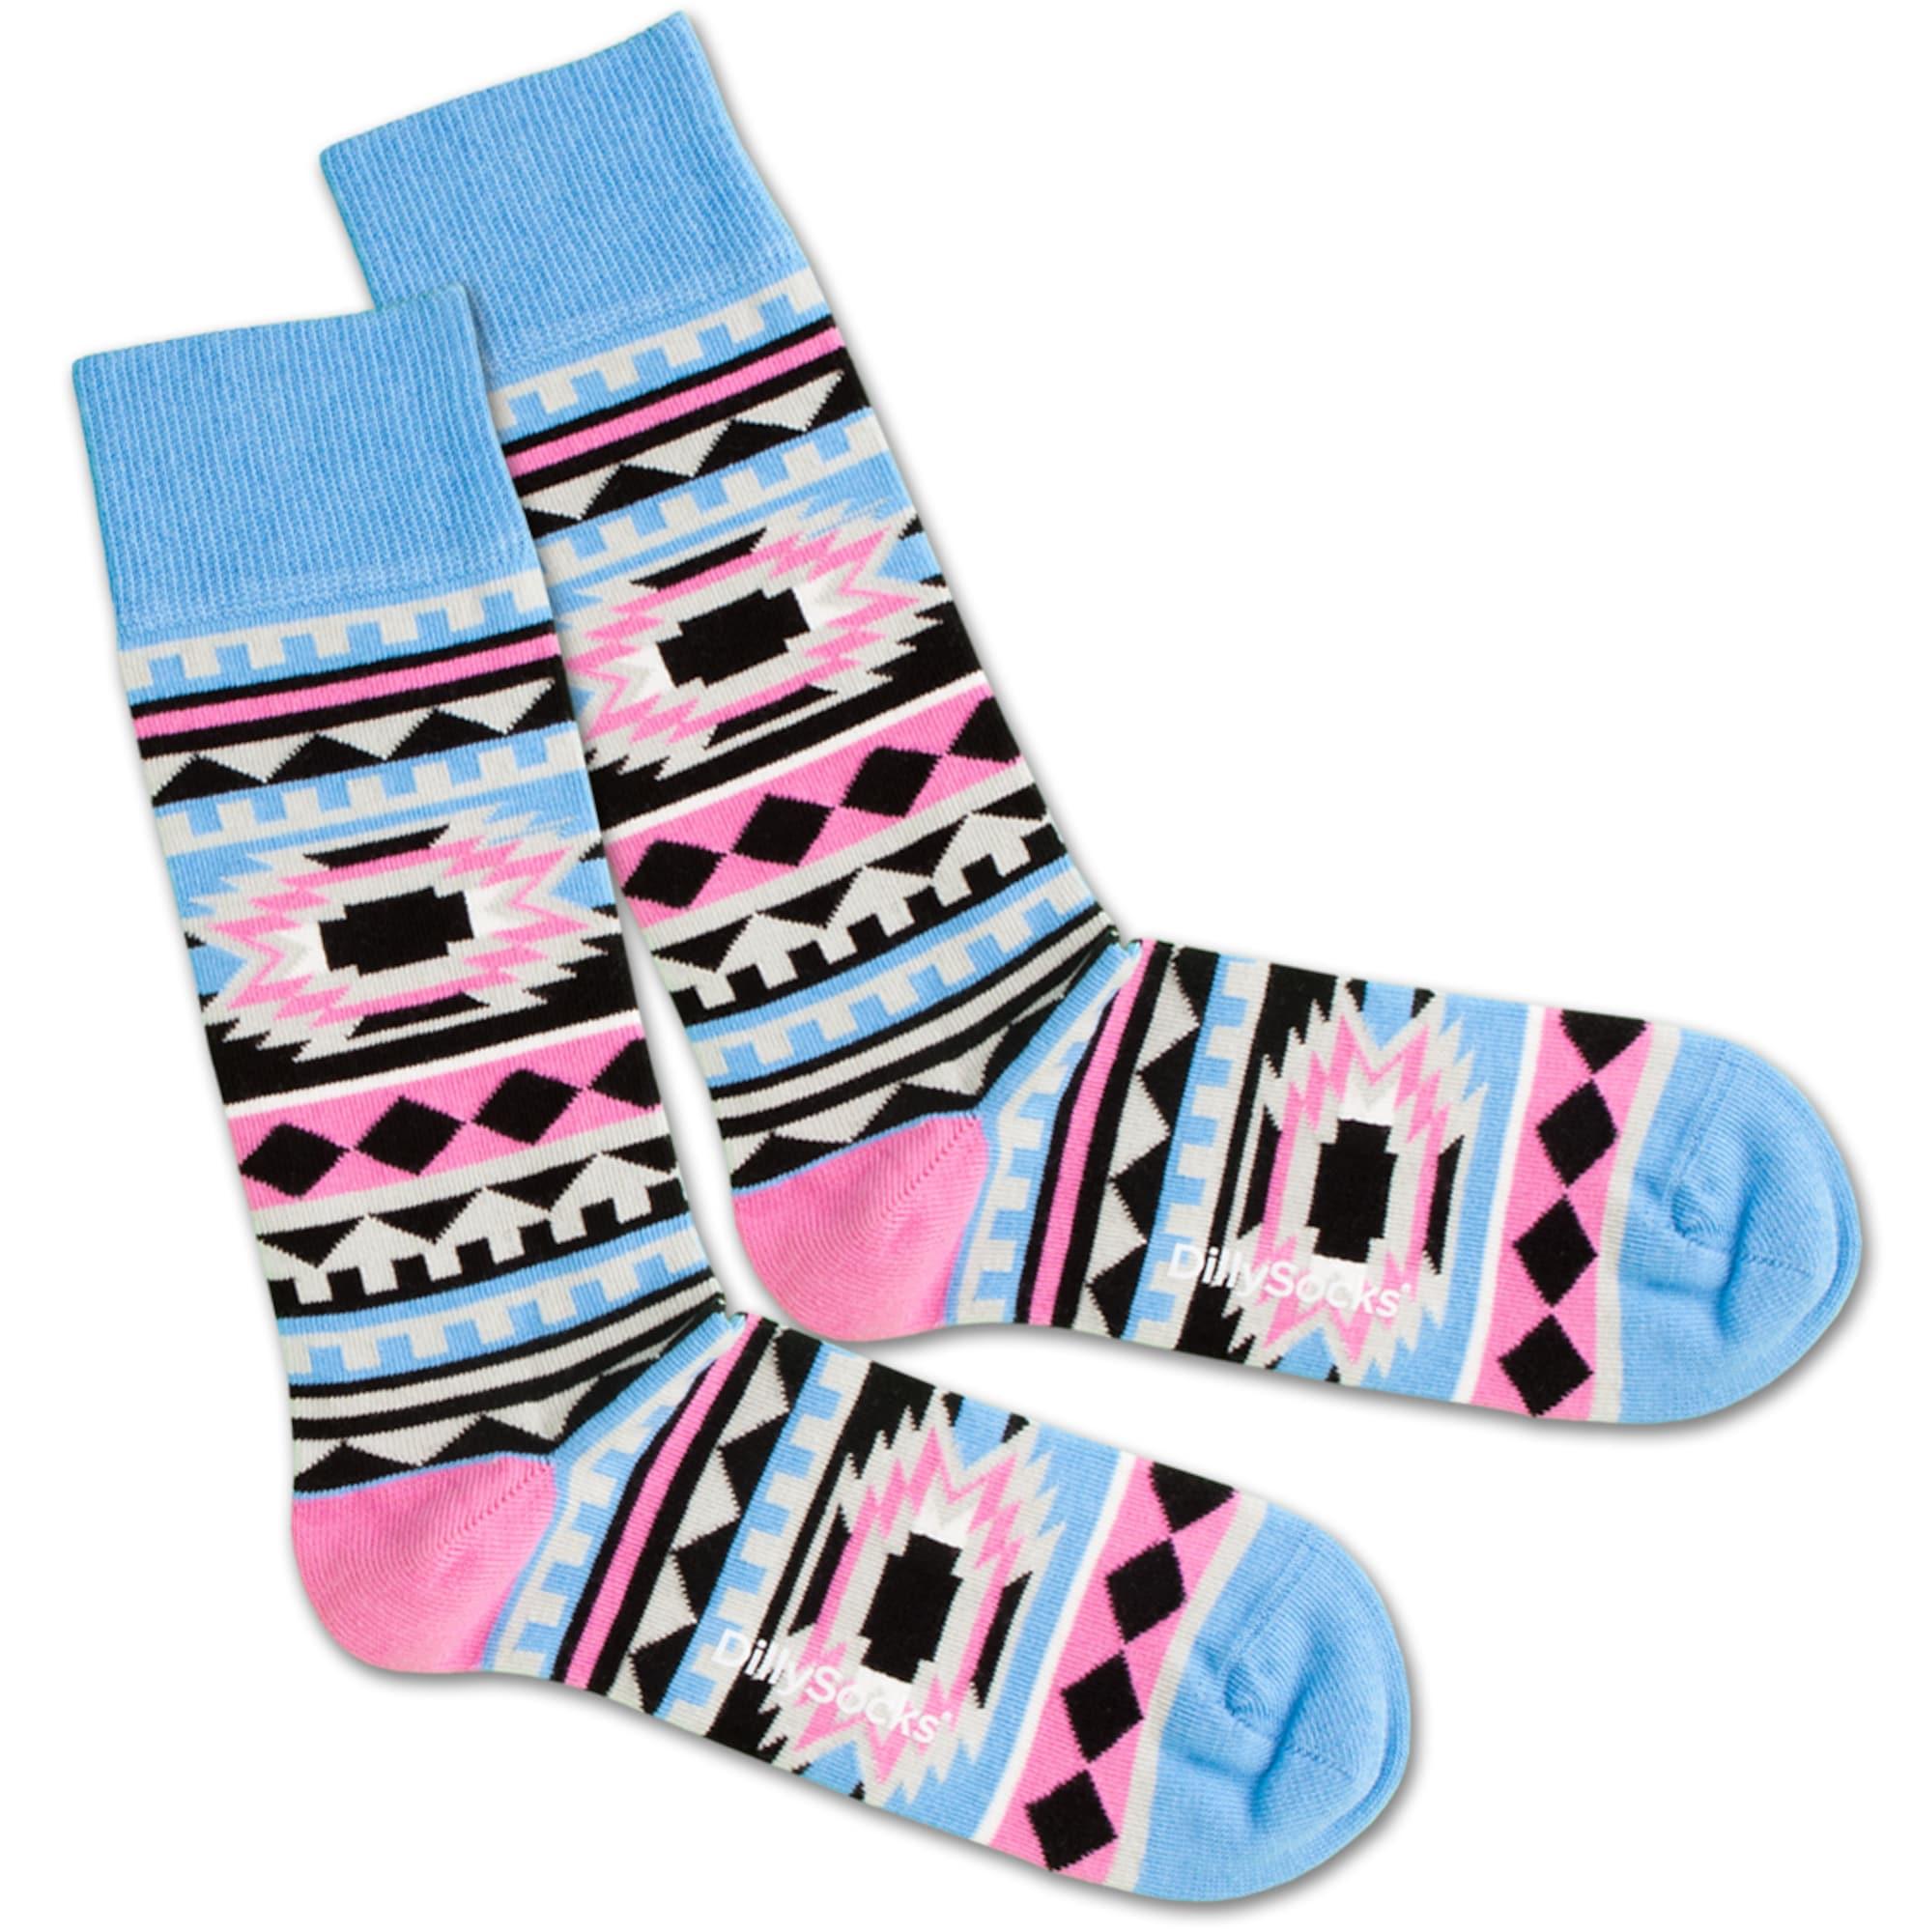 Ponožky Native Princess modrá pink DillySocks